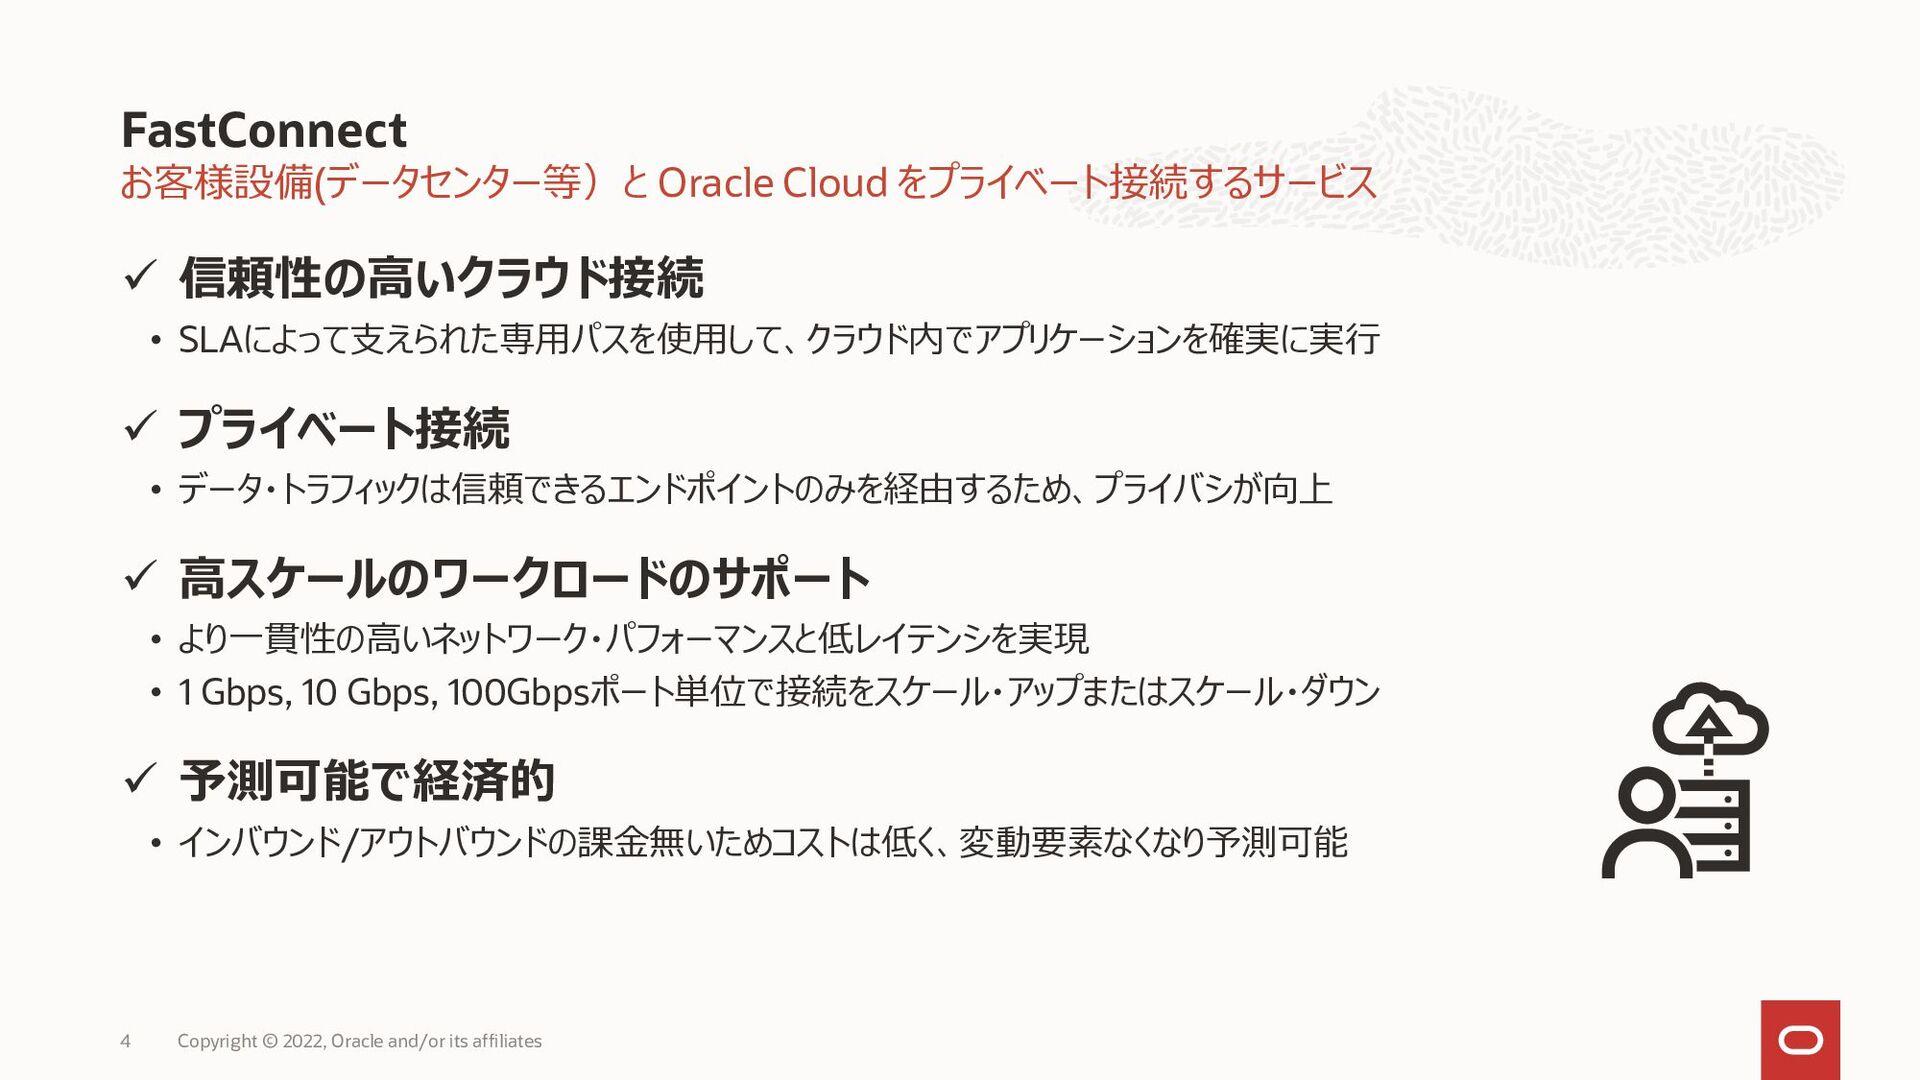 お客様設備(データセンター等)と Oracle Cloud をプライベート接続するサービス ✓...